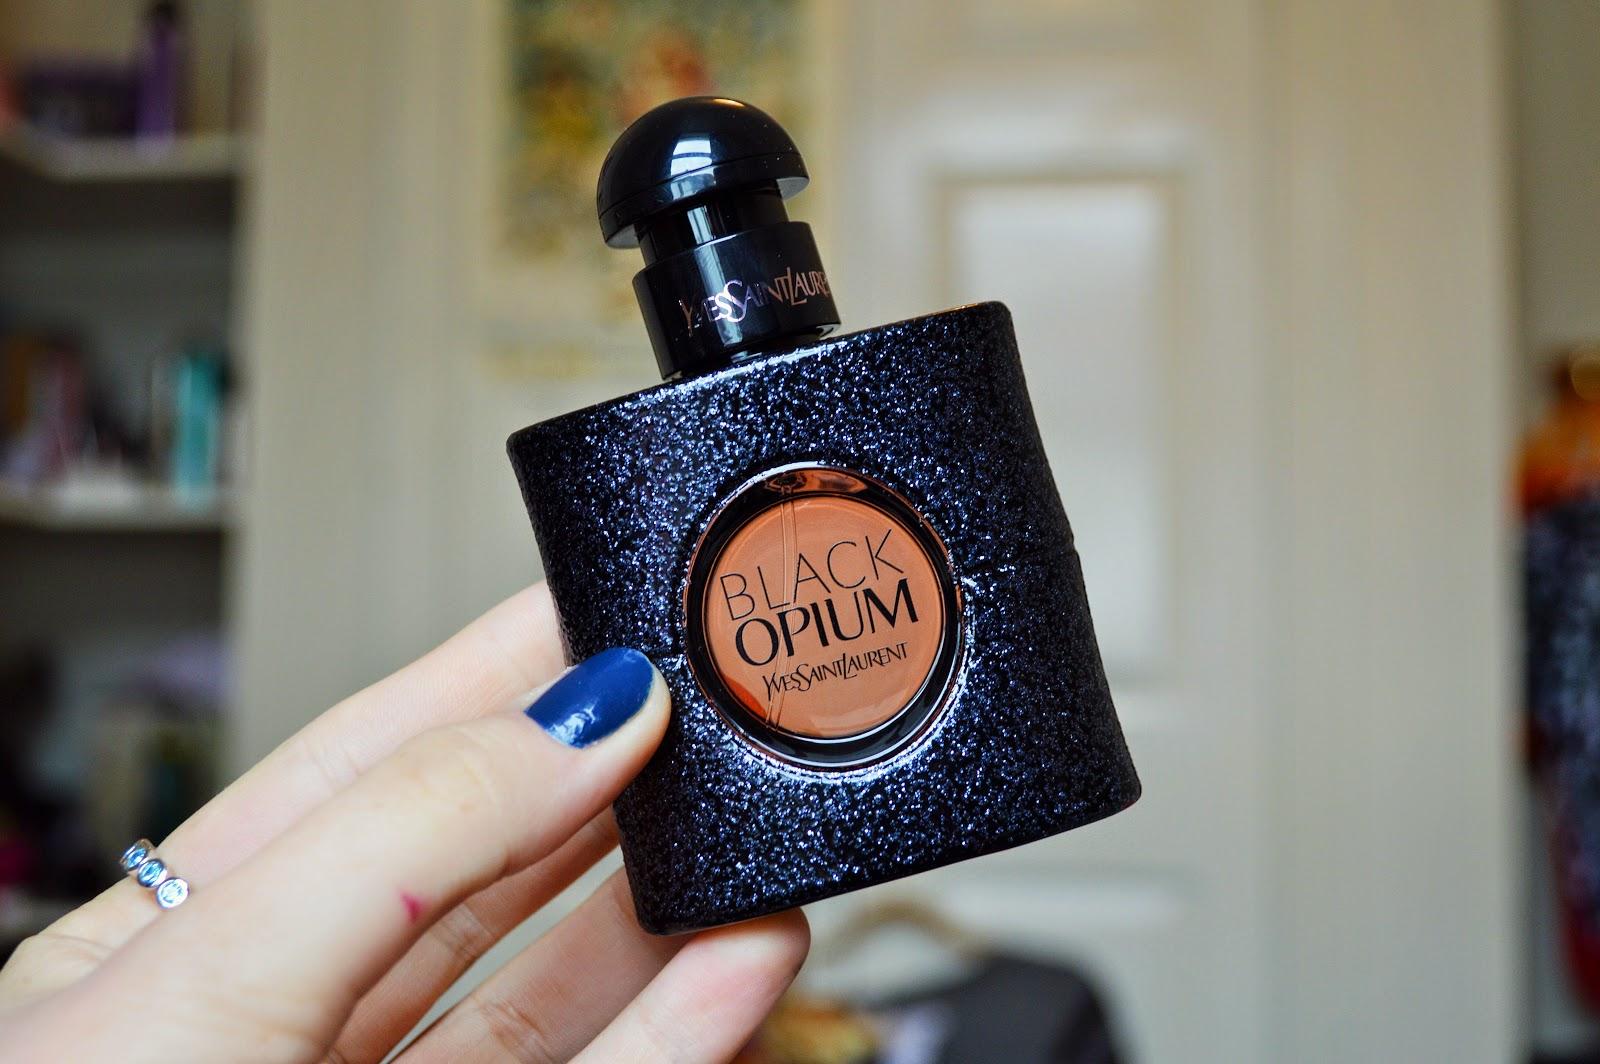 Black Opium EDP by YSL